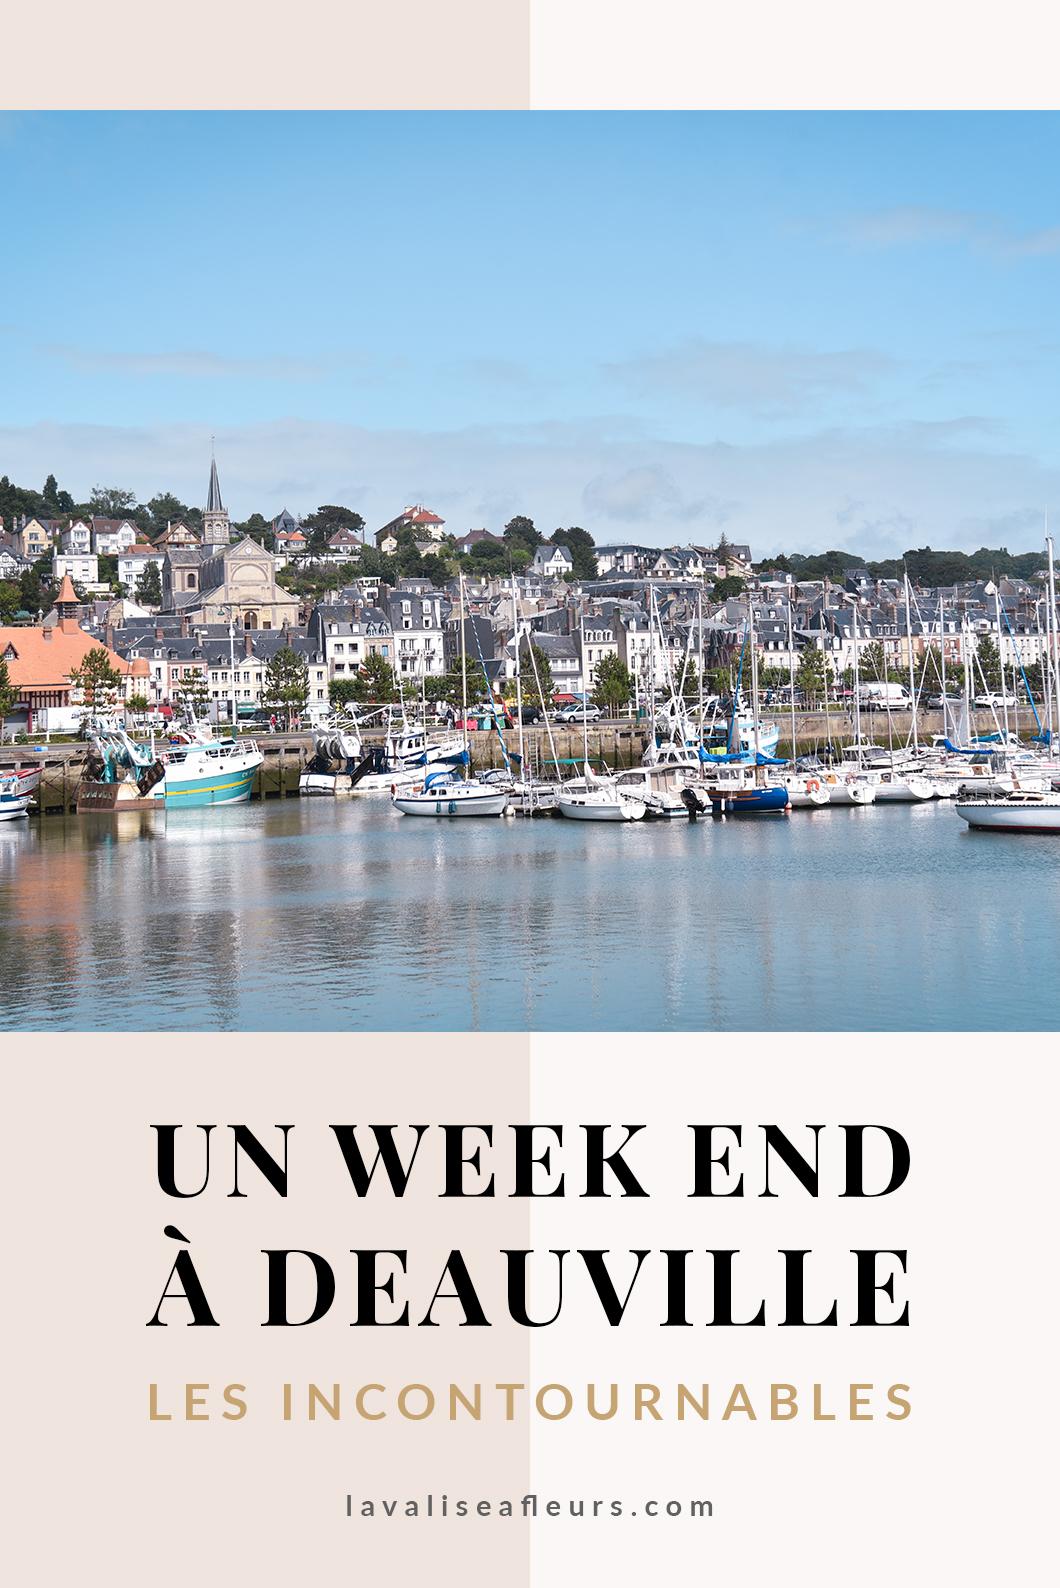 Un week end à Deauville, les incontournables à visiter